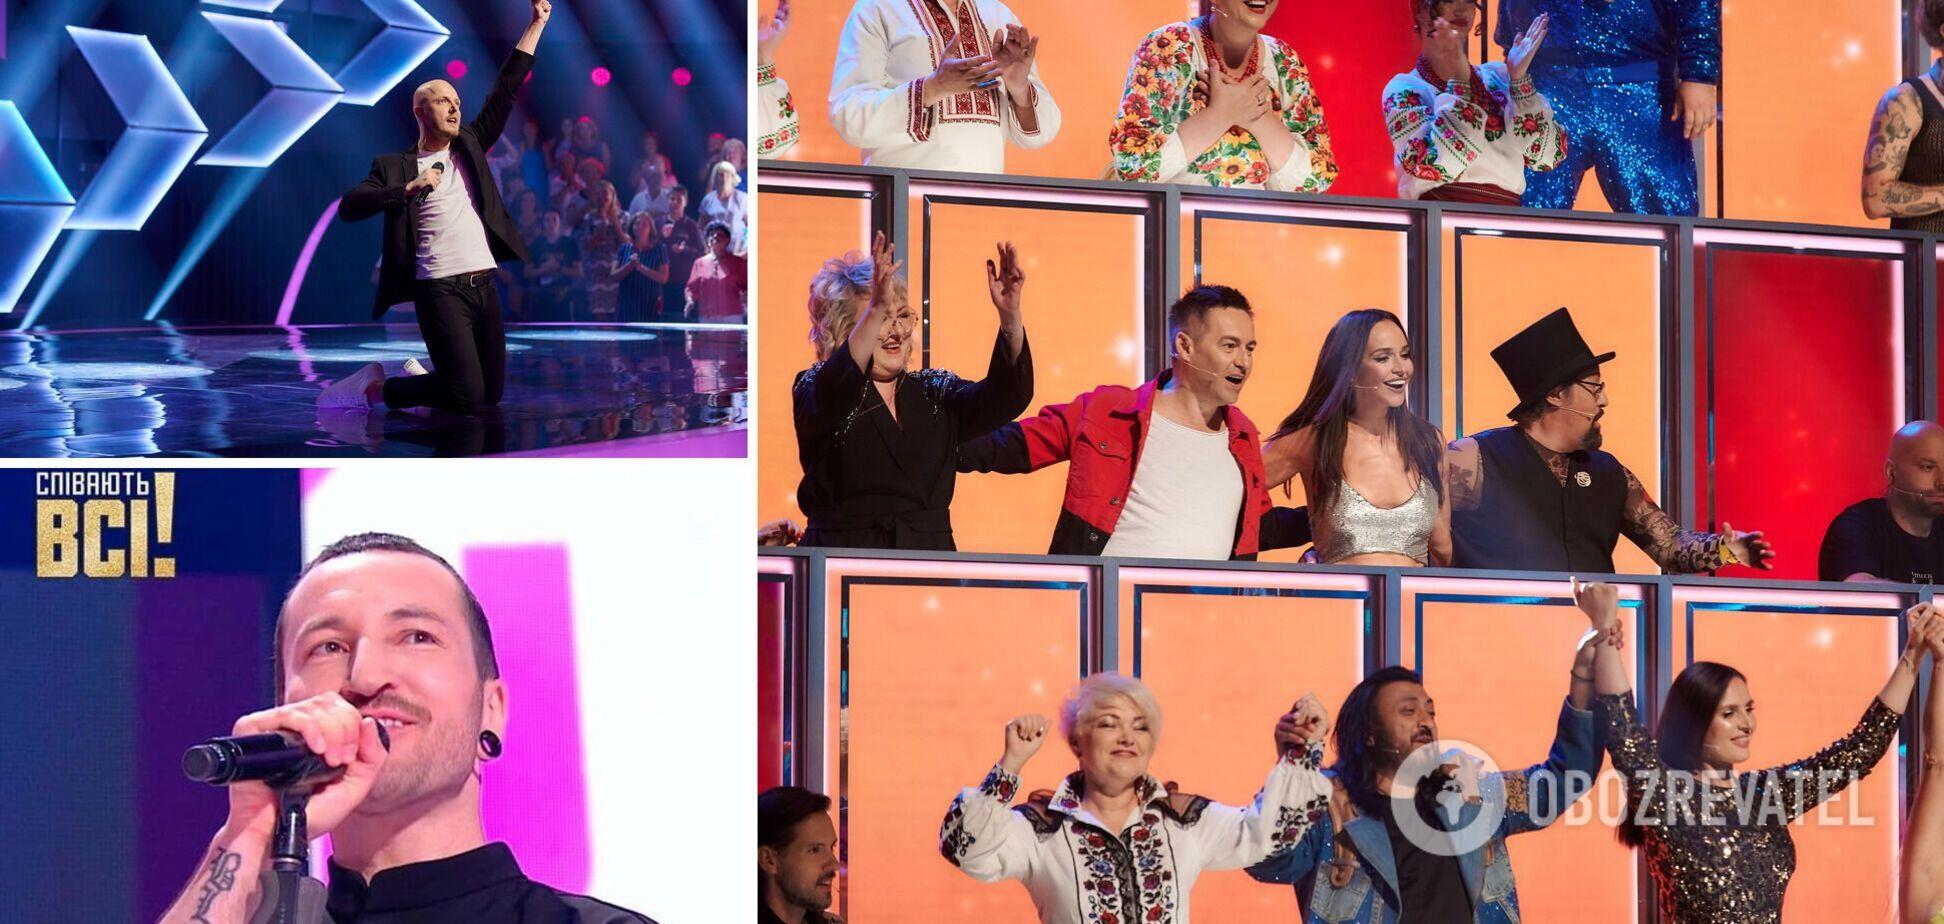 'Співають всі': судді в сльозах обрали фіналістів 5 випуску. Подробиці і фото